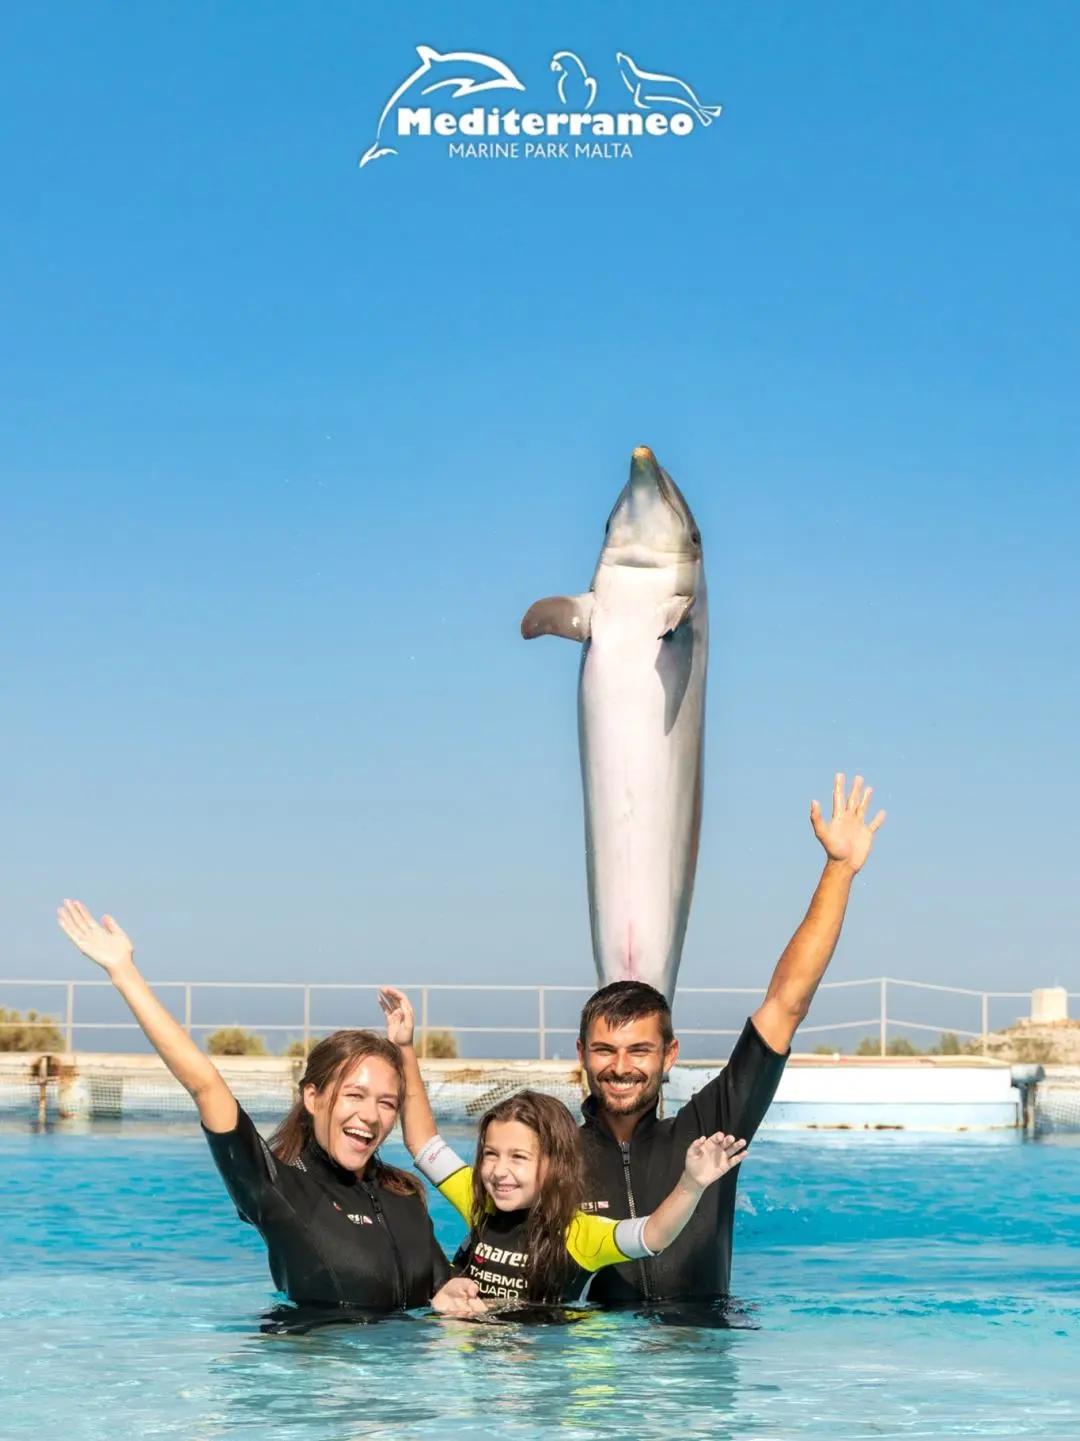 夏日地中海欢乐多,马耳他的花式溜娃路线